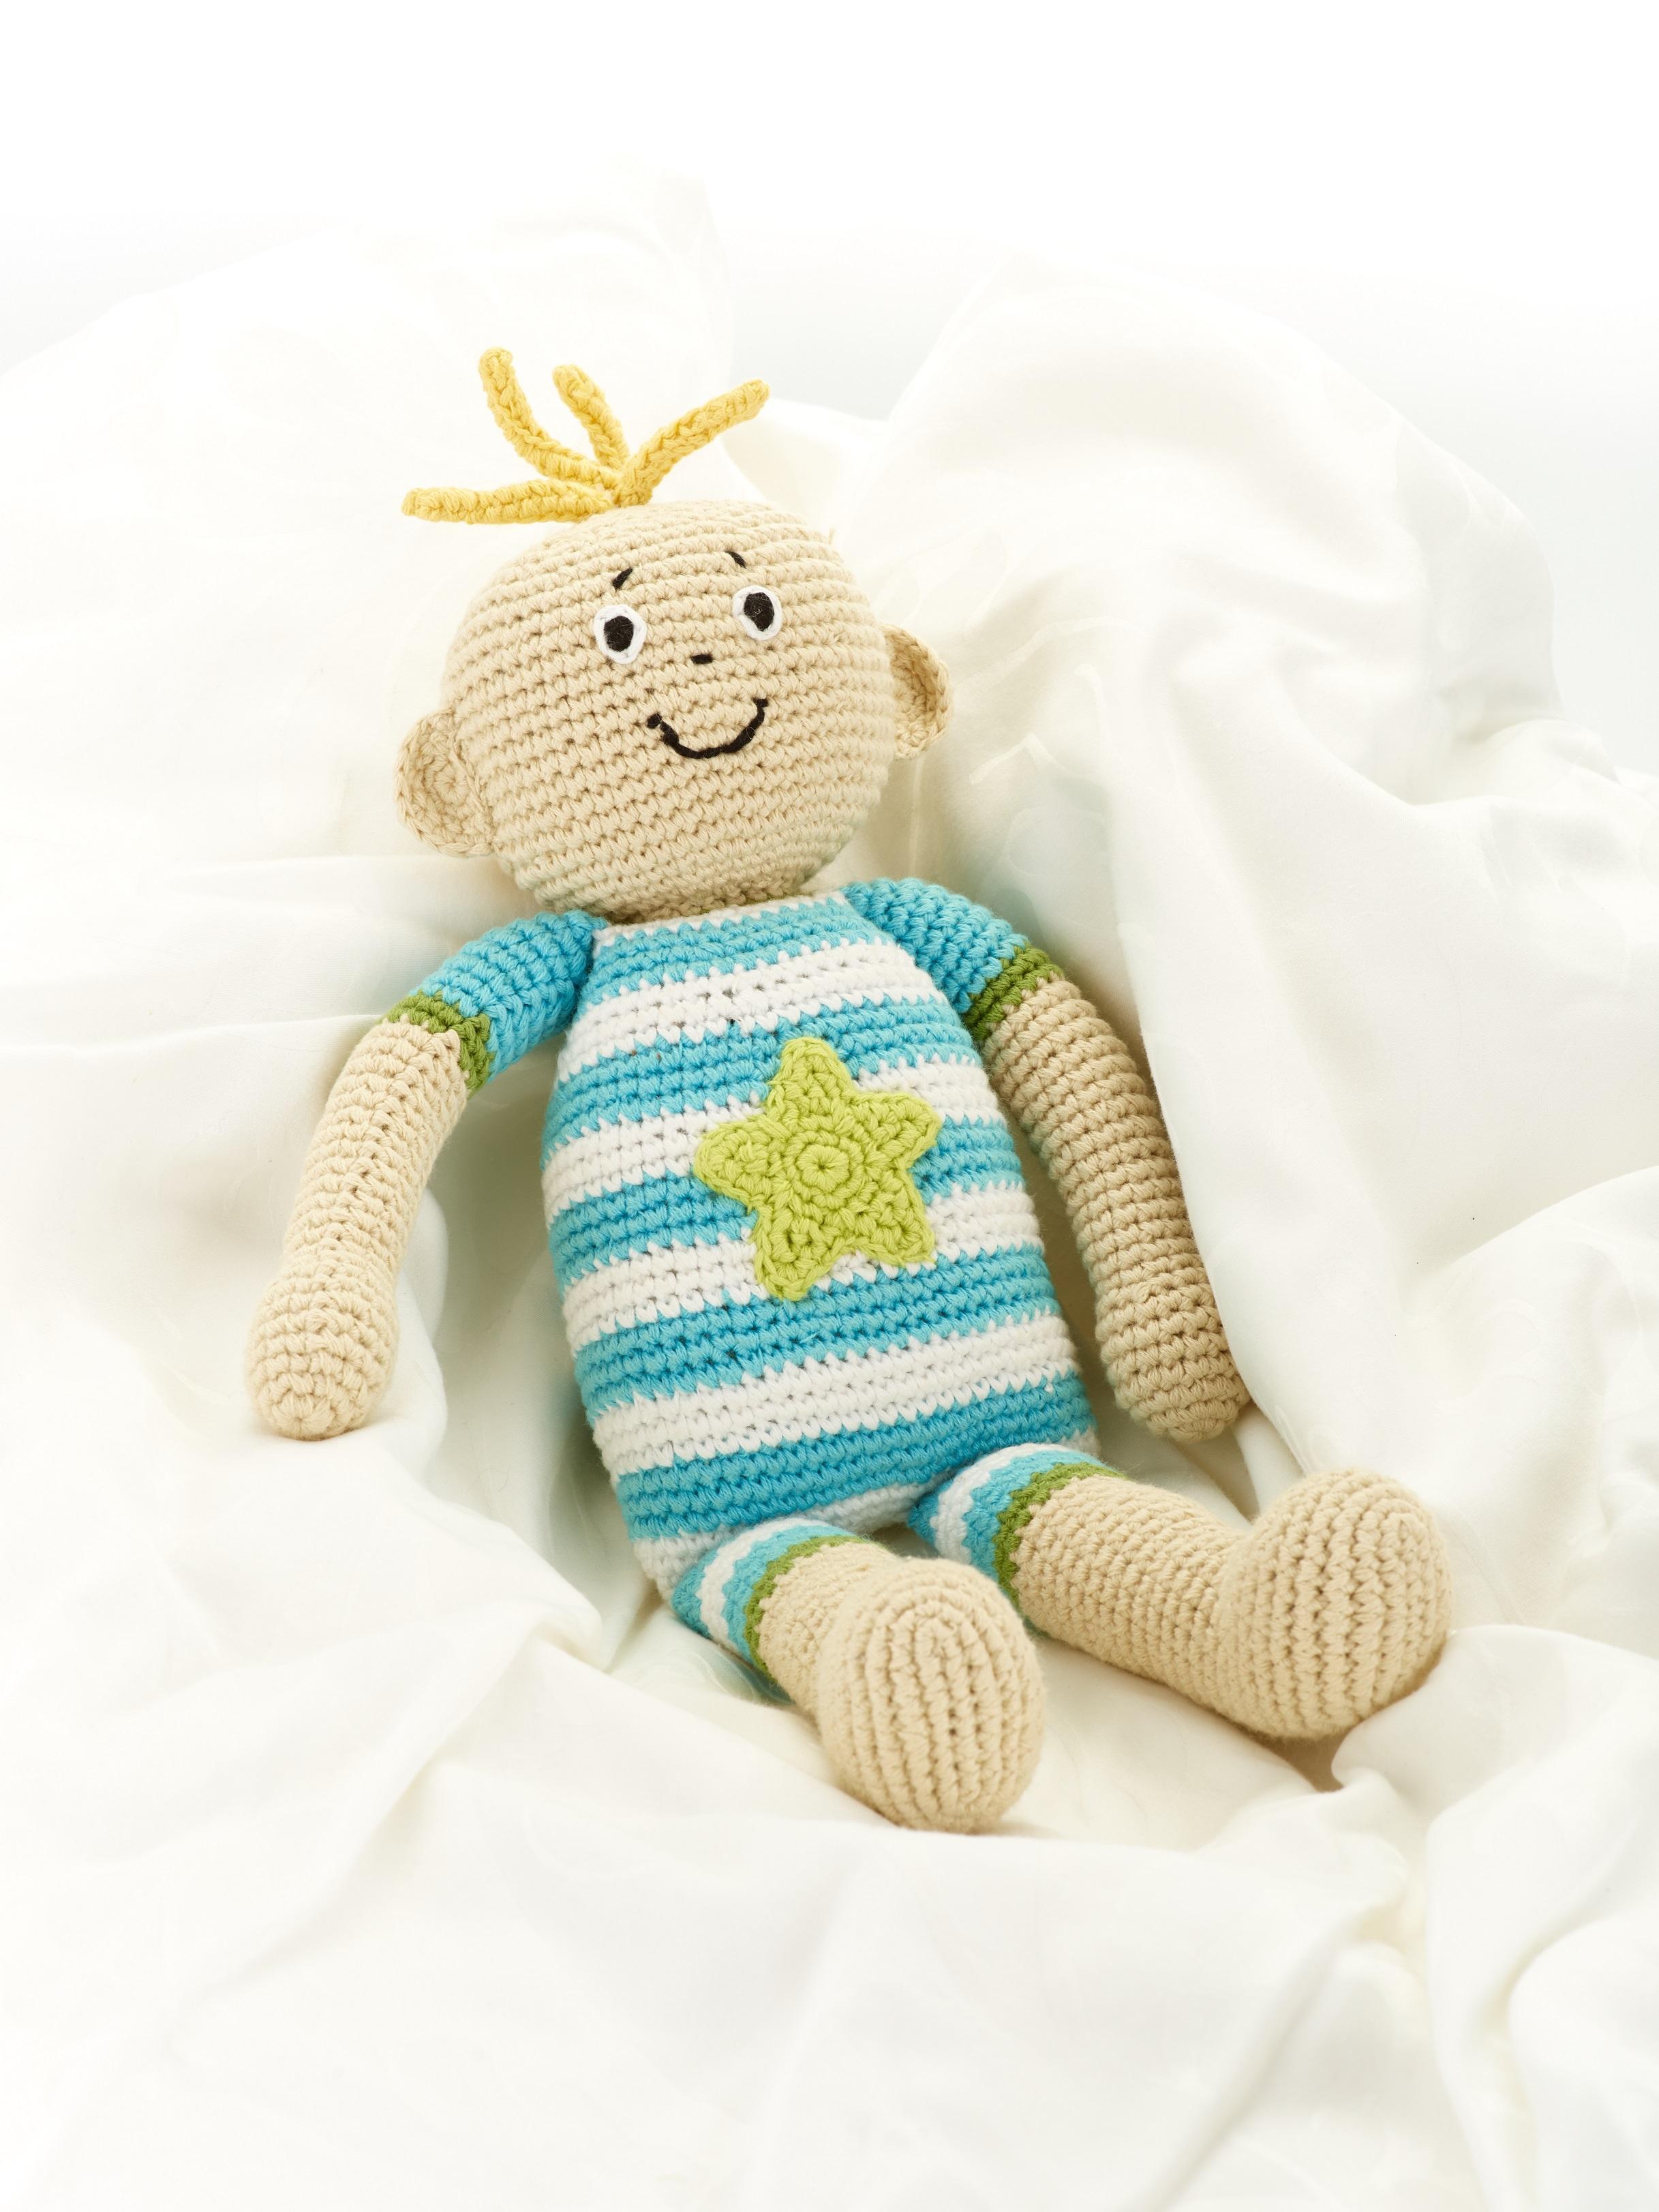 8d154d48c Fair Trade Crochet Cotton Baby Boy Soft Doll